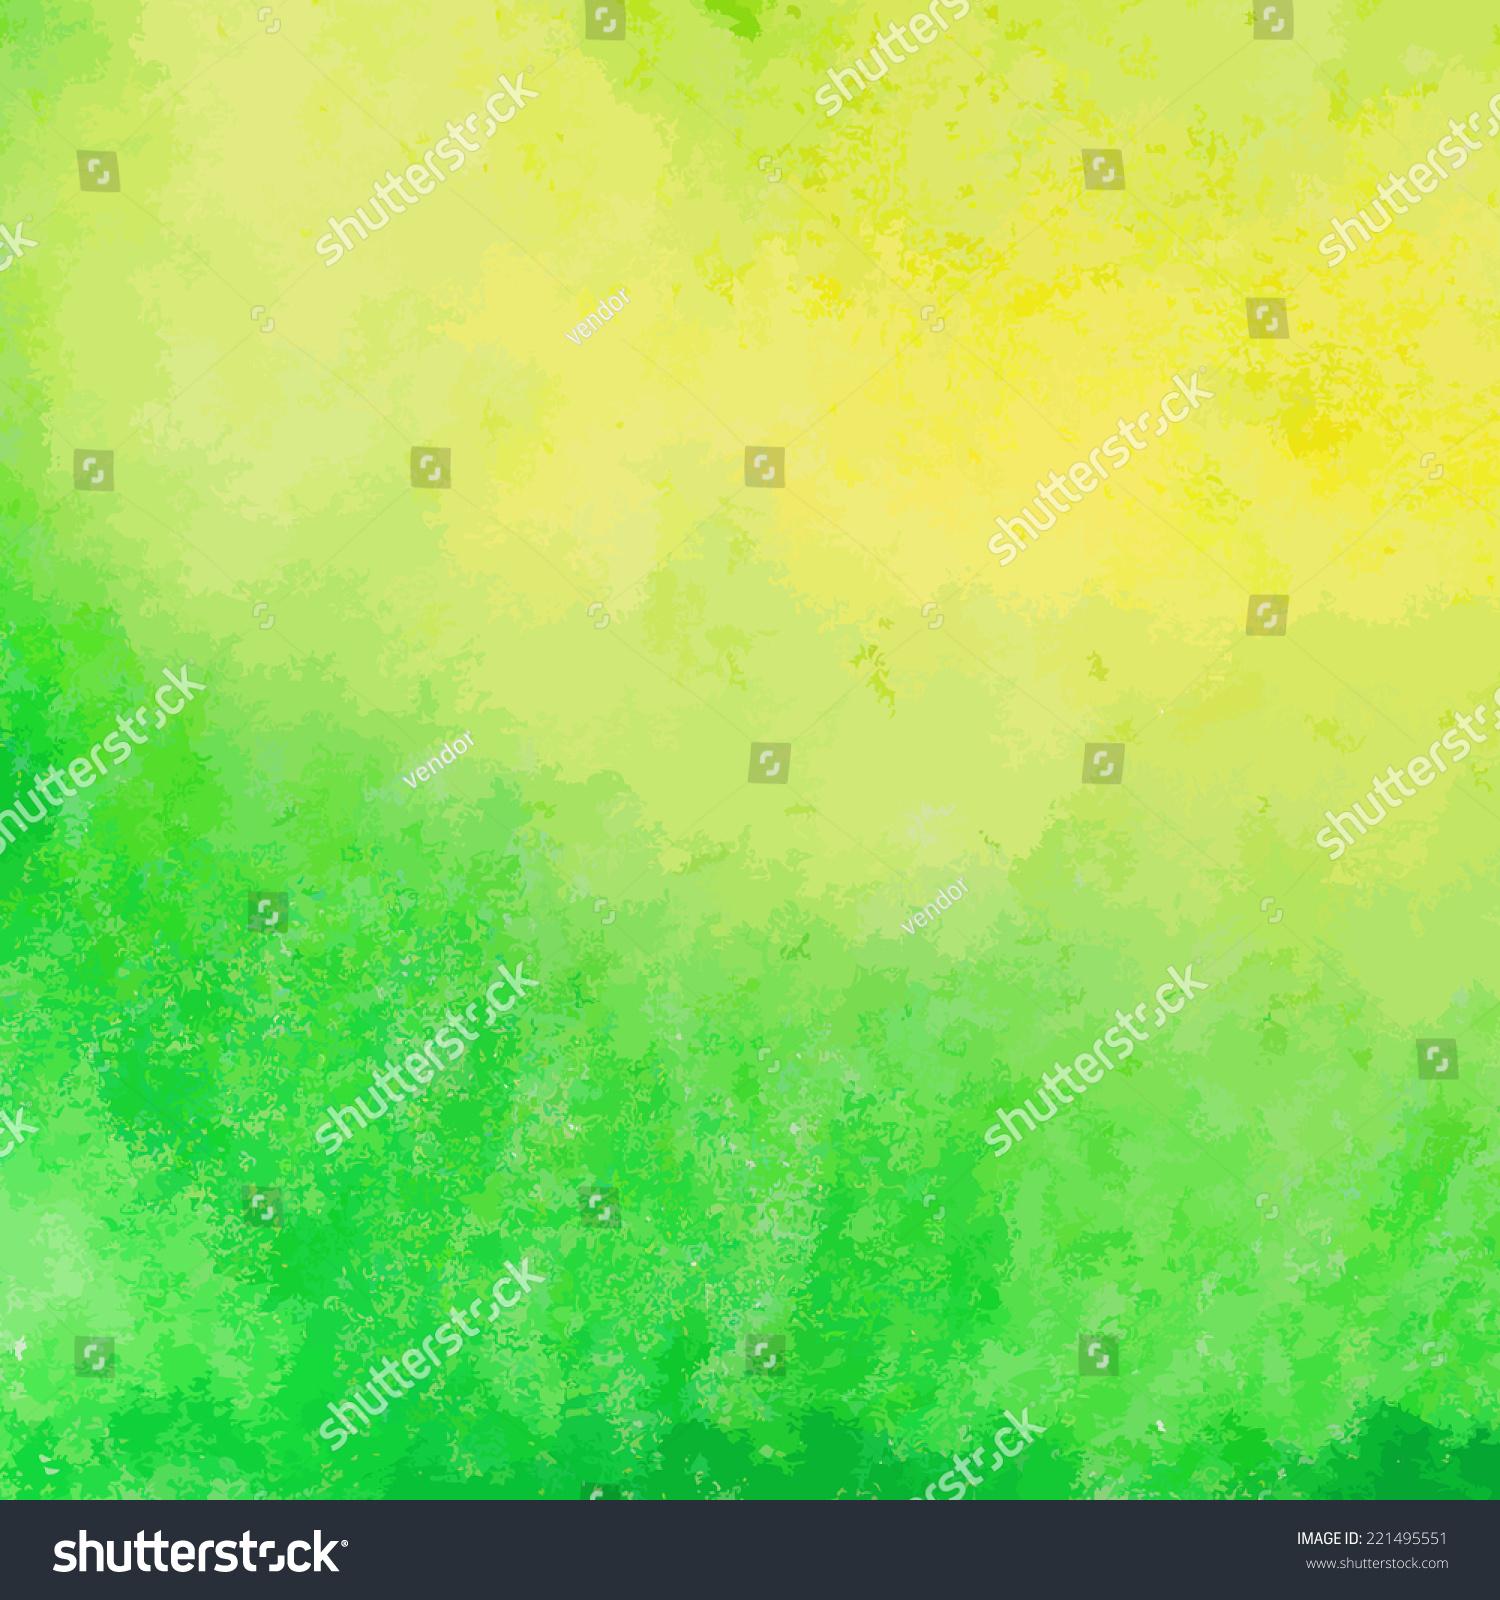 绿色和黄色水彩颜料矢量背景-背景/素材,艺术-海洛()